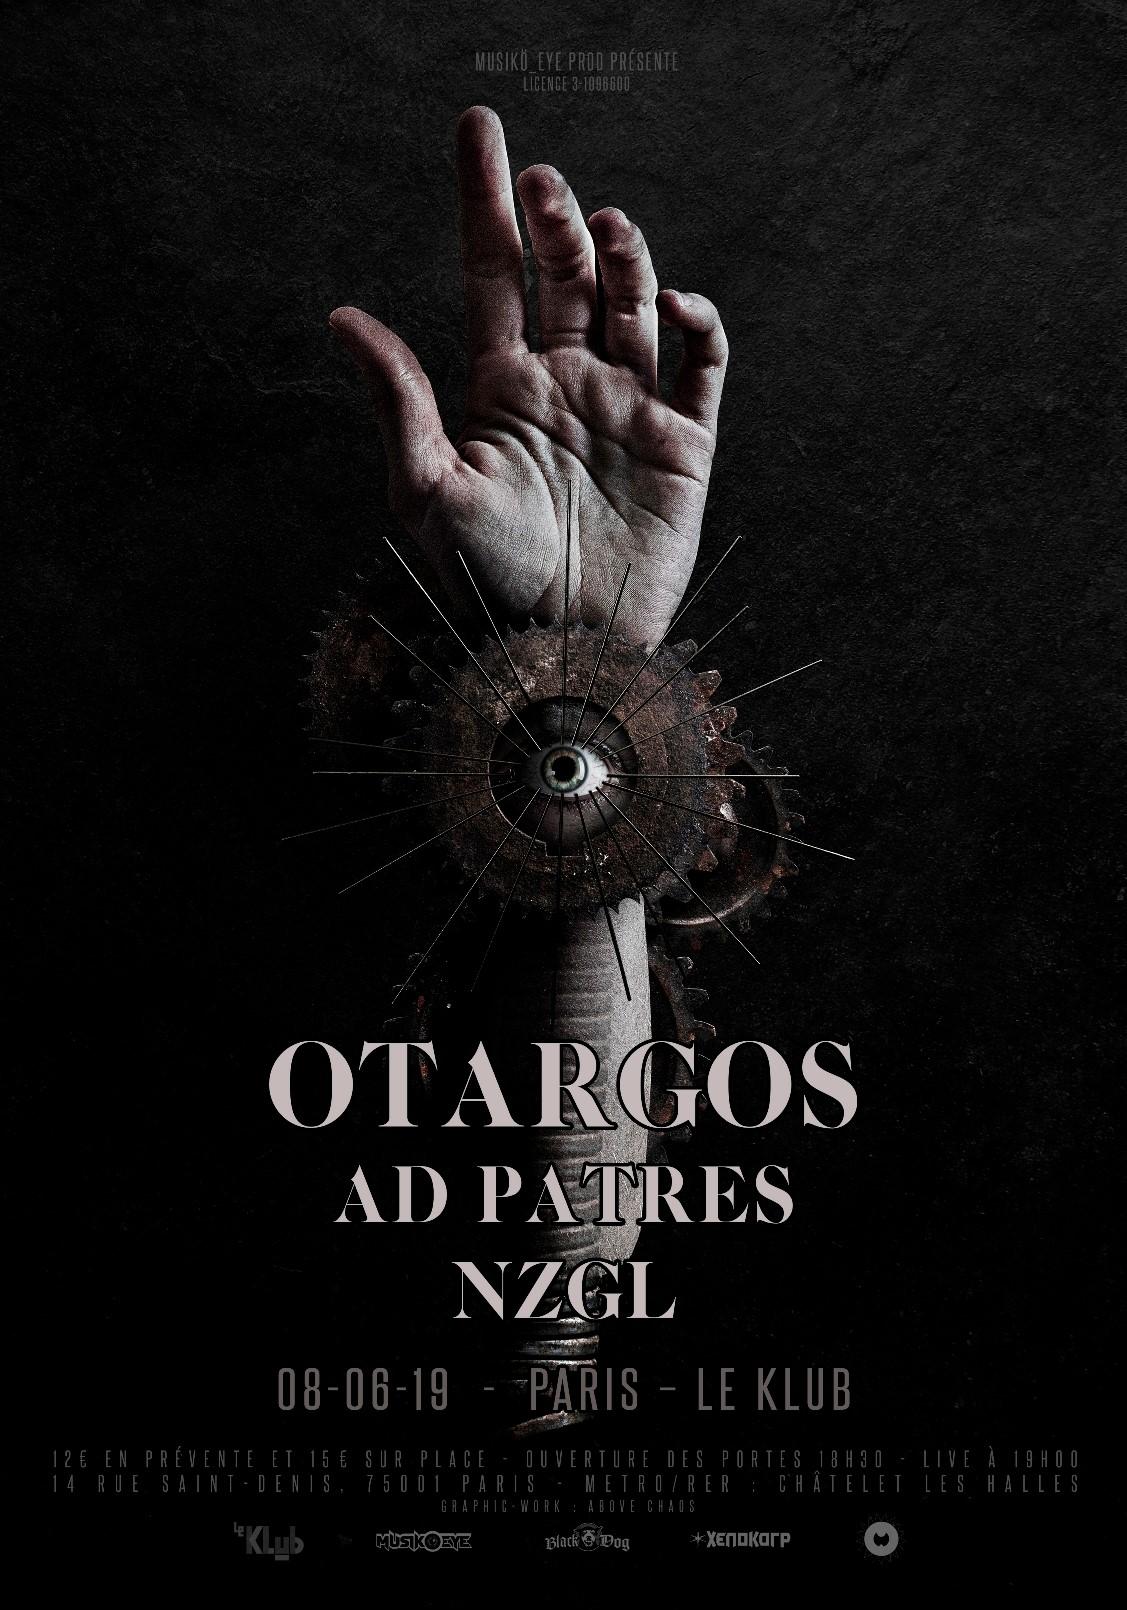 OTARGOS + AD PATRES + NZGL ■ 08.06